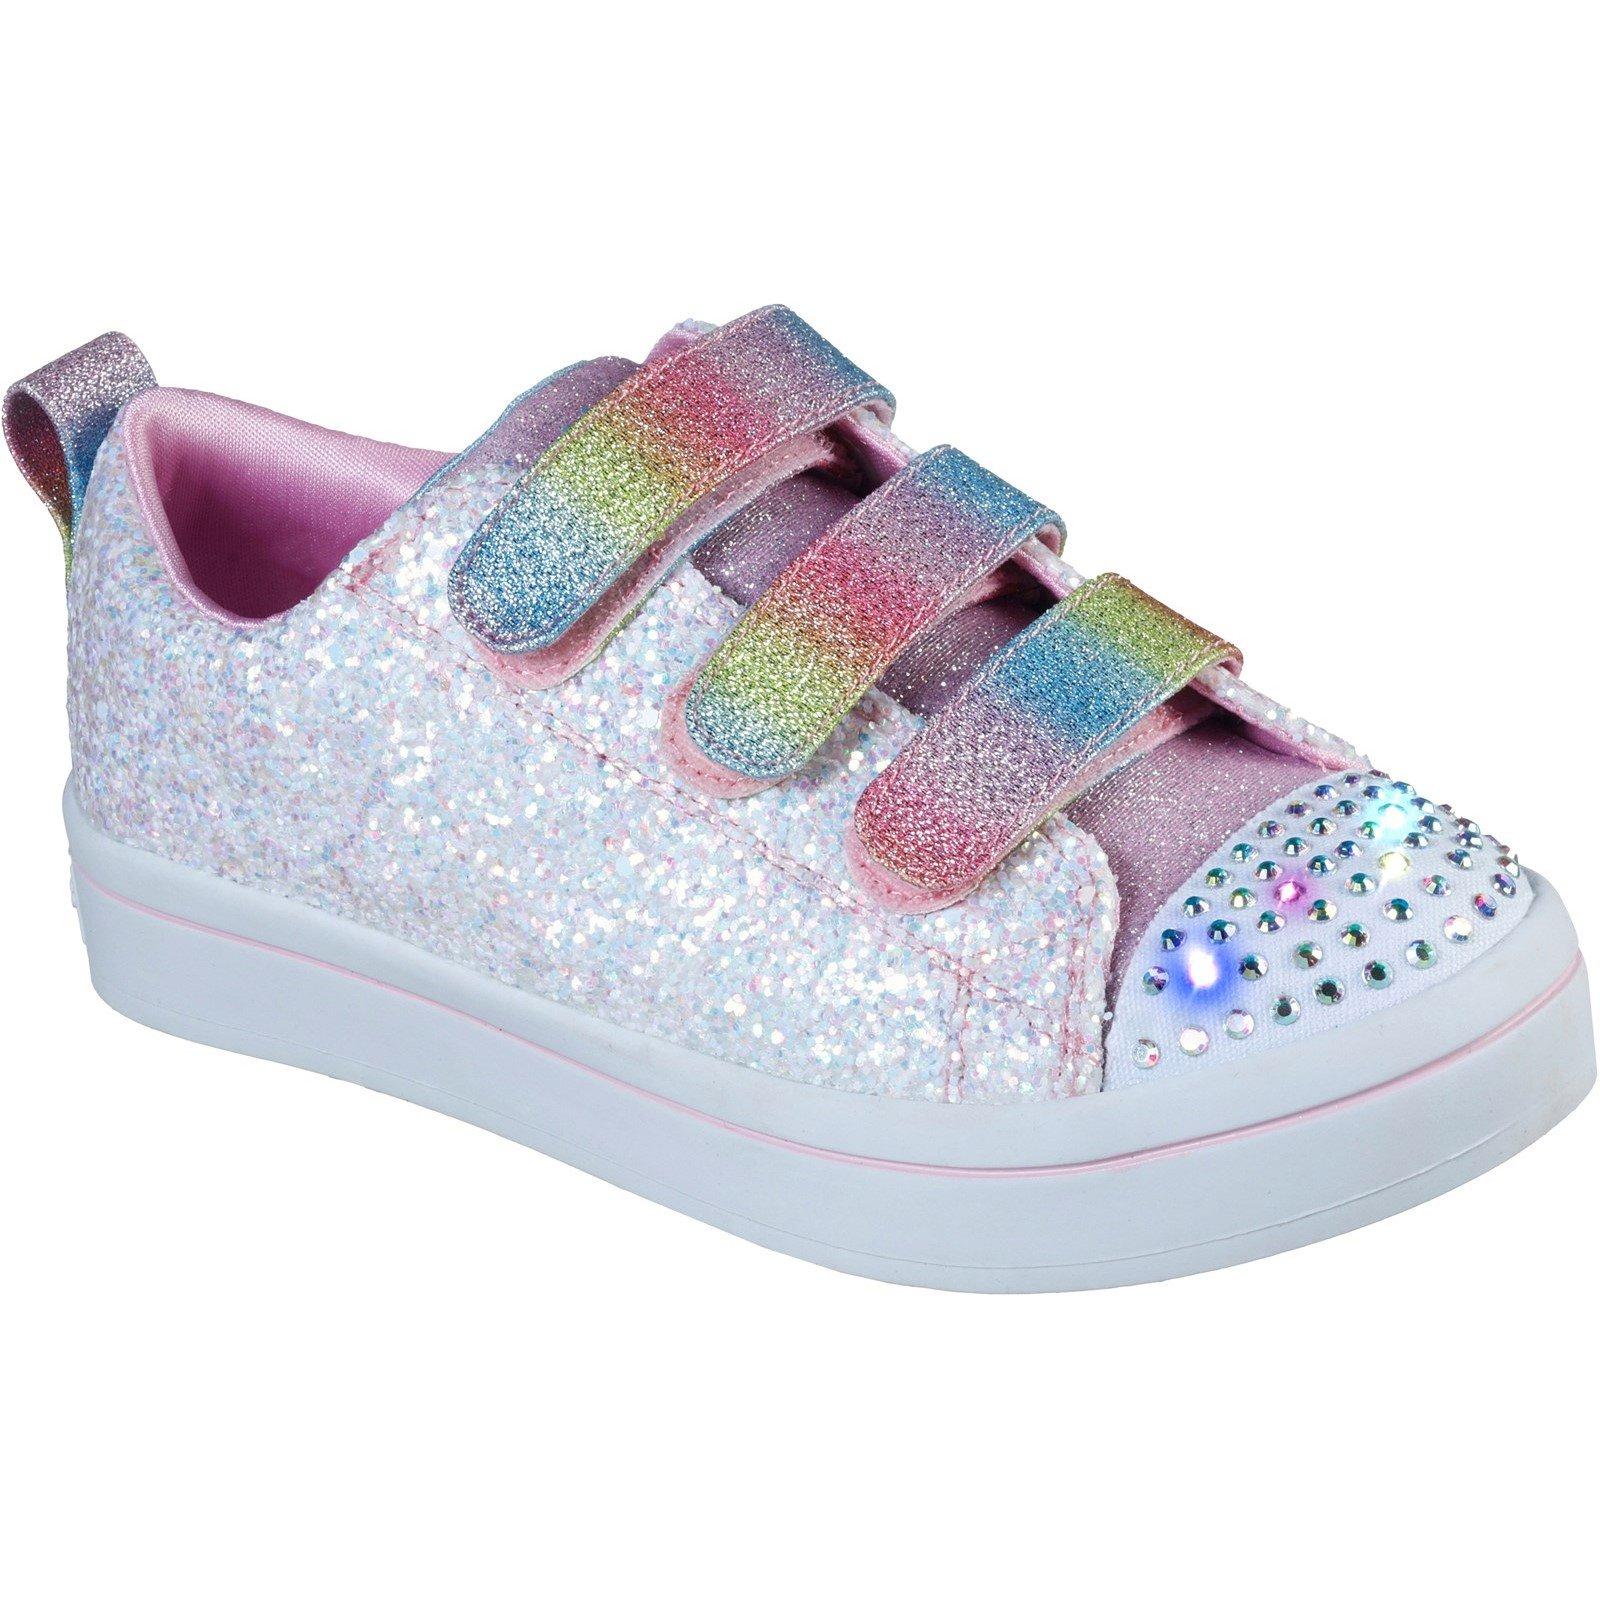 Skechers Kid's Twi-Lites Glitter Glitz Trainer Multicolor 31895 - White/Multi 10.5